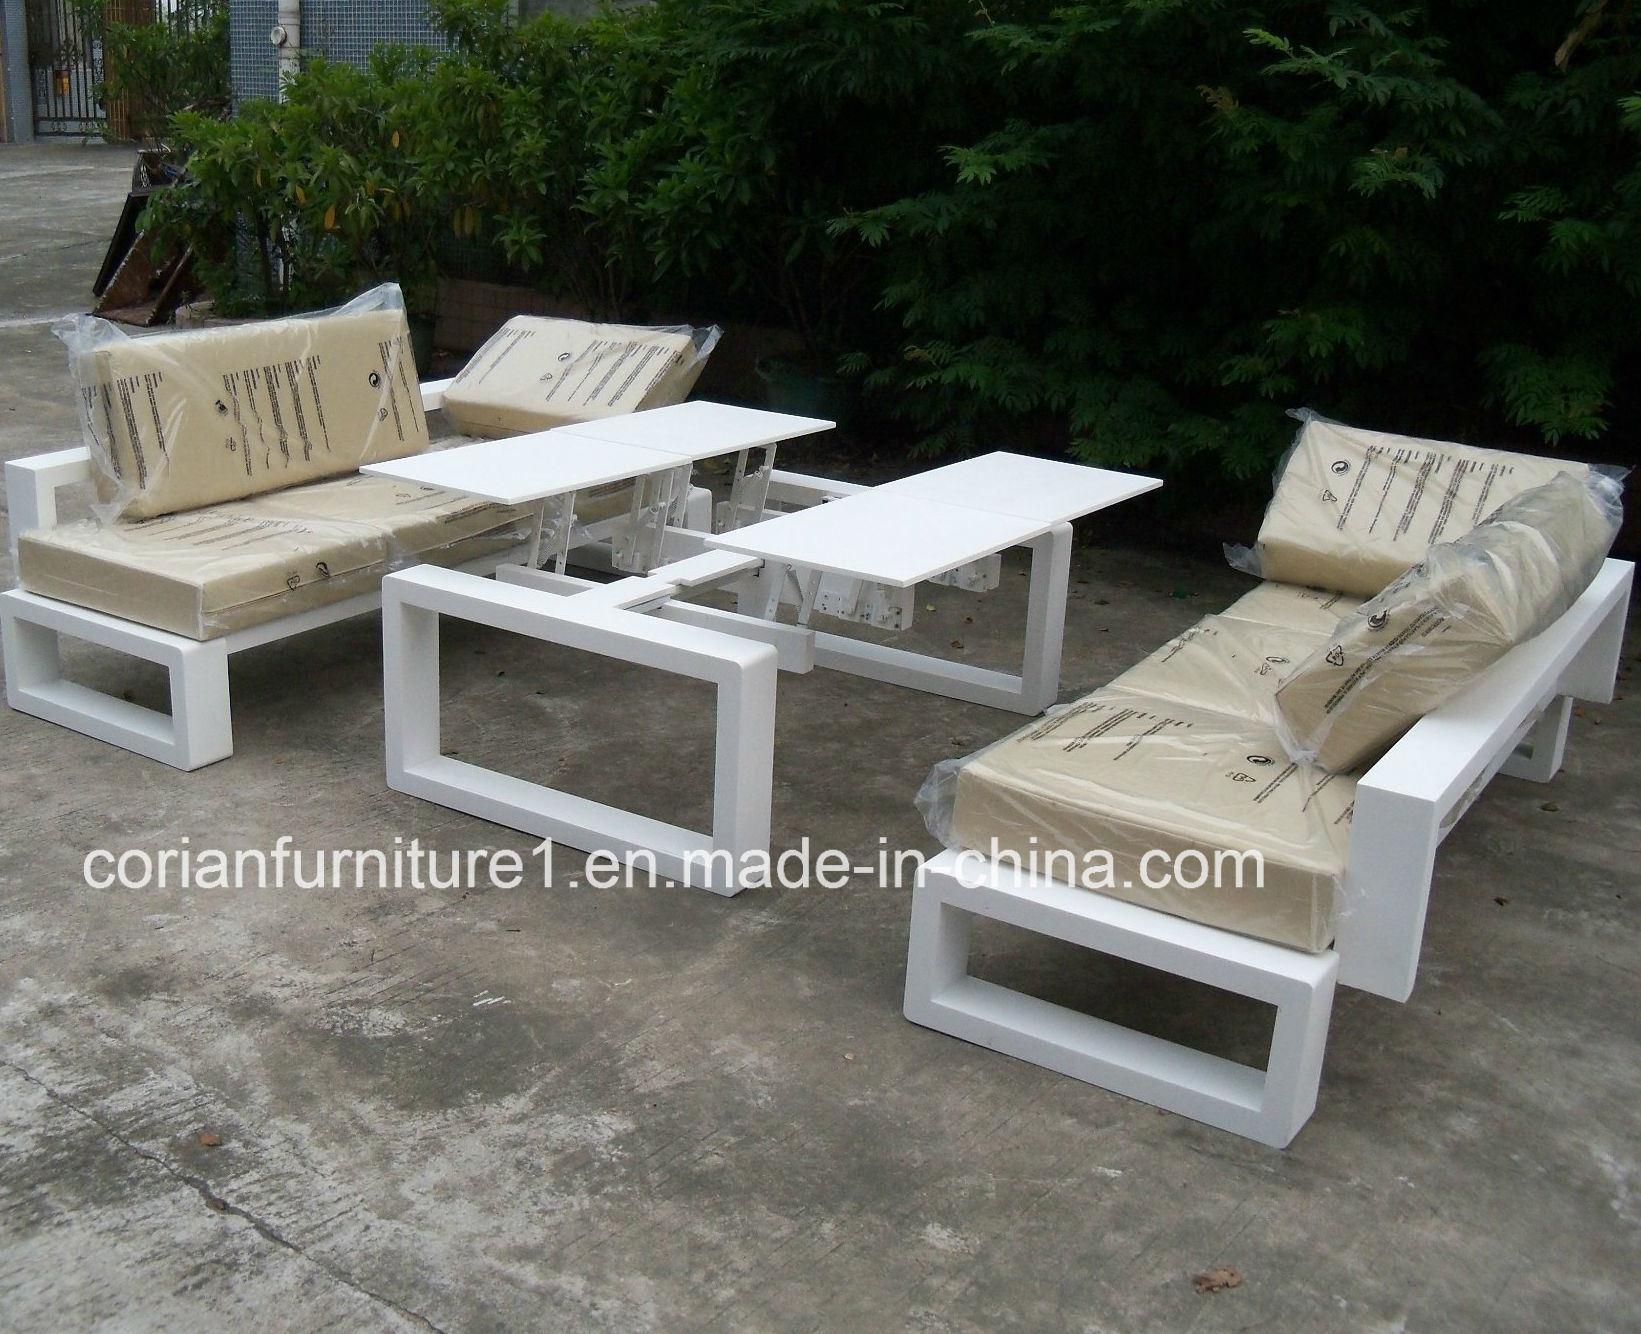 Corian Surface solide la porte de table et chaise de jardin ...